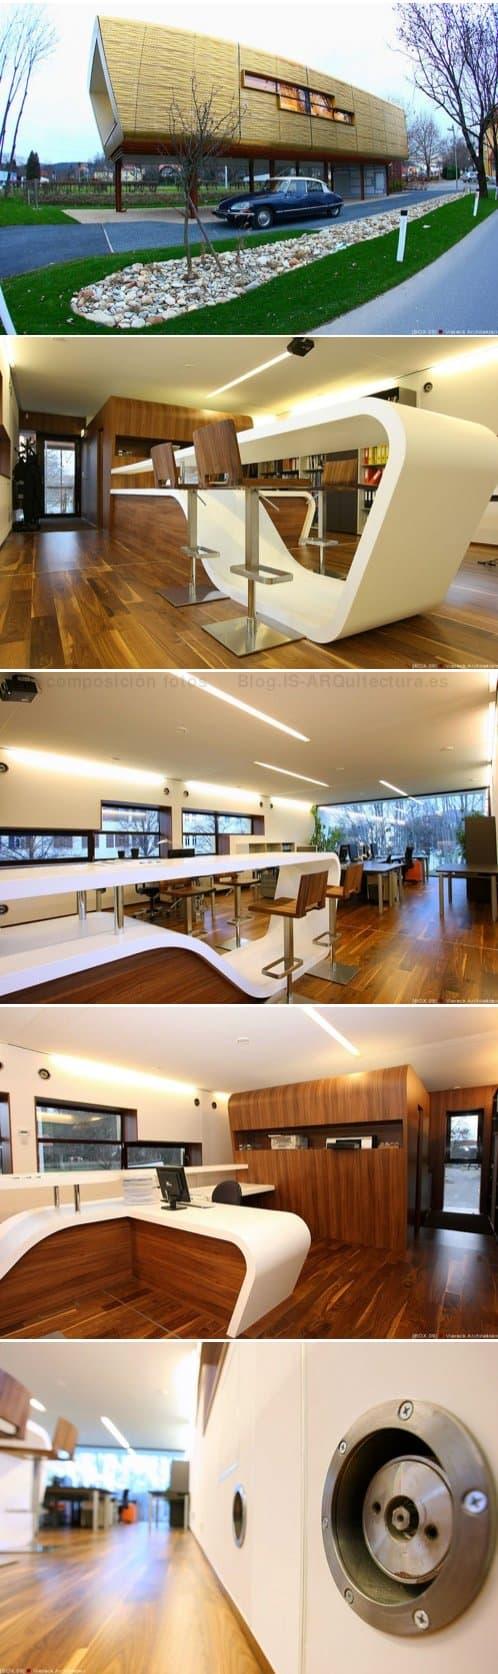 prototipo-casa-prefabricada-box09 modelo de oficina